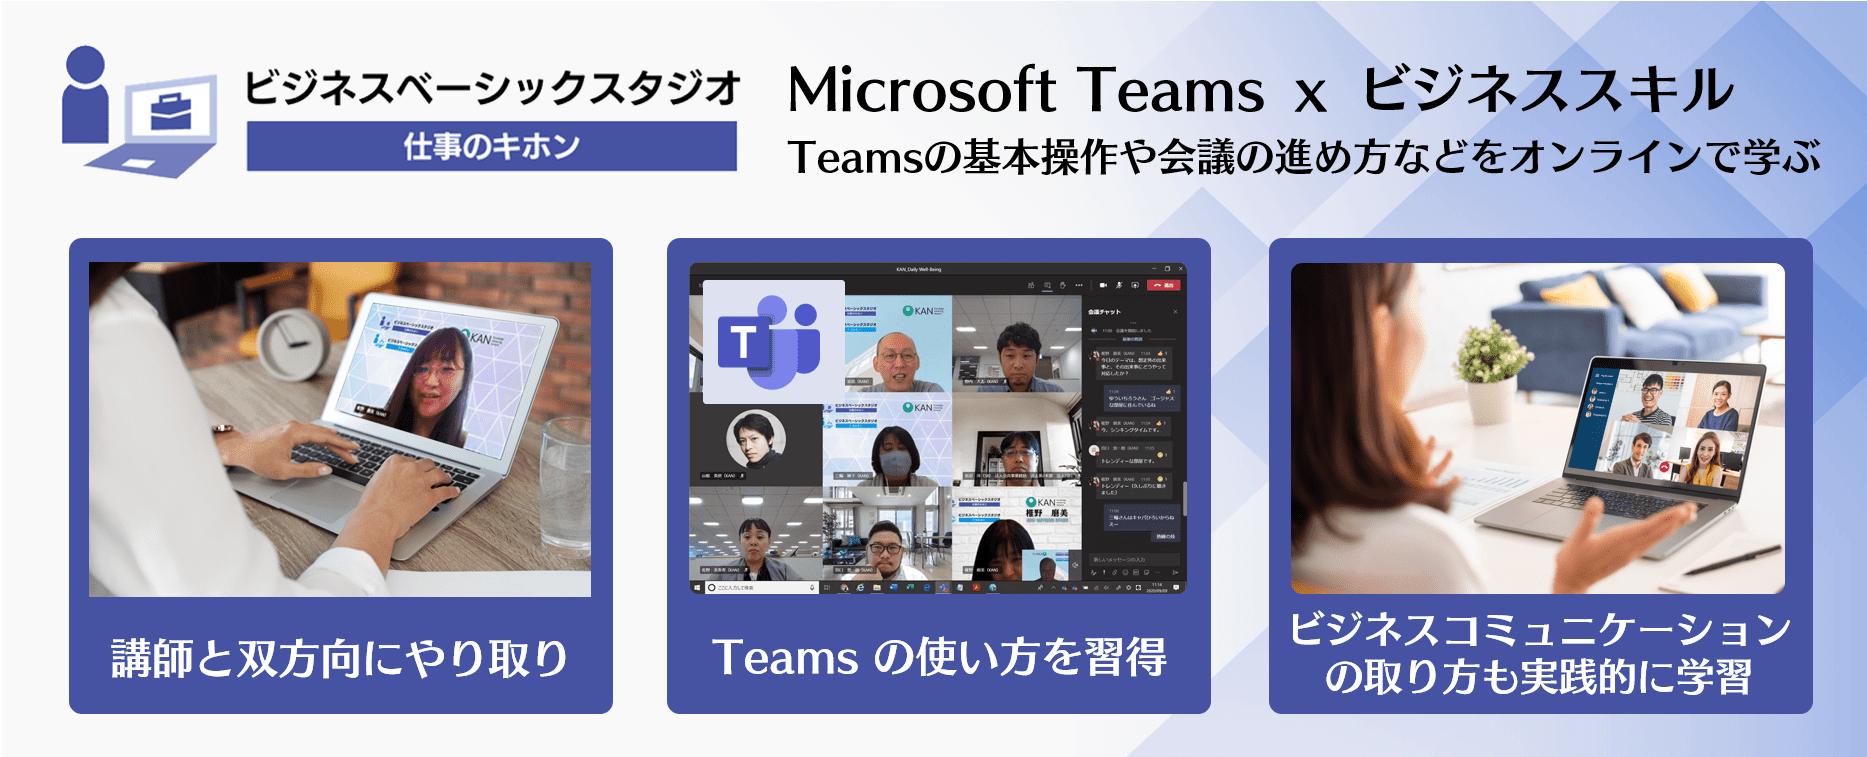 背景 を 変える teams